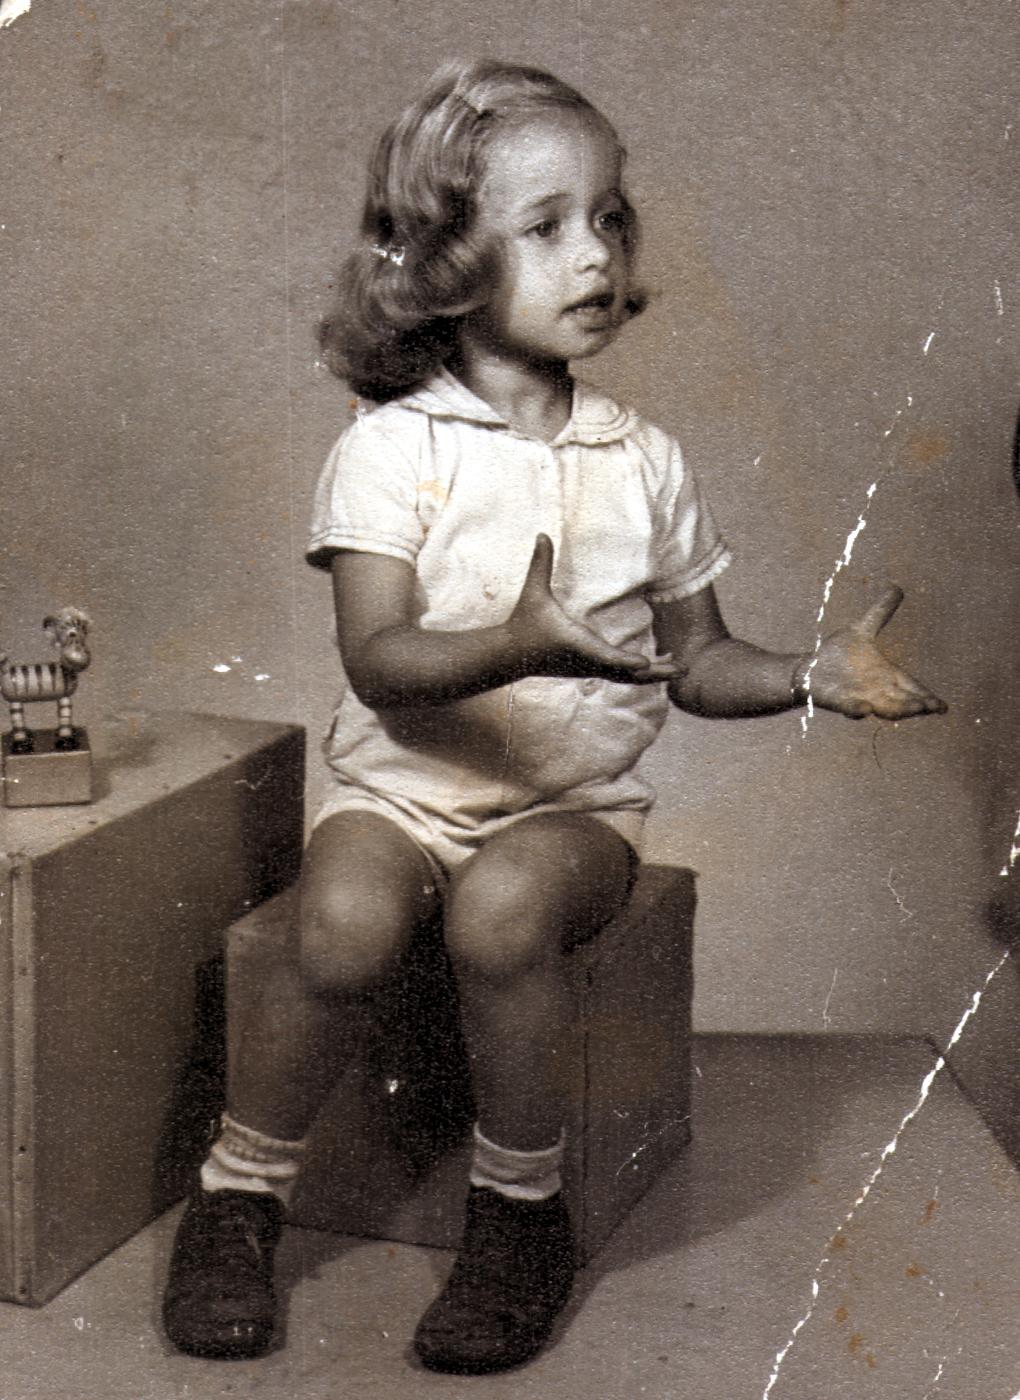 Jozsef Faludi's middle son, Elek Faludi